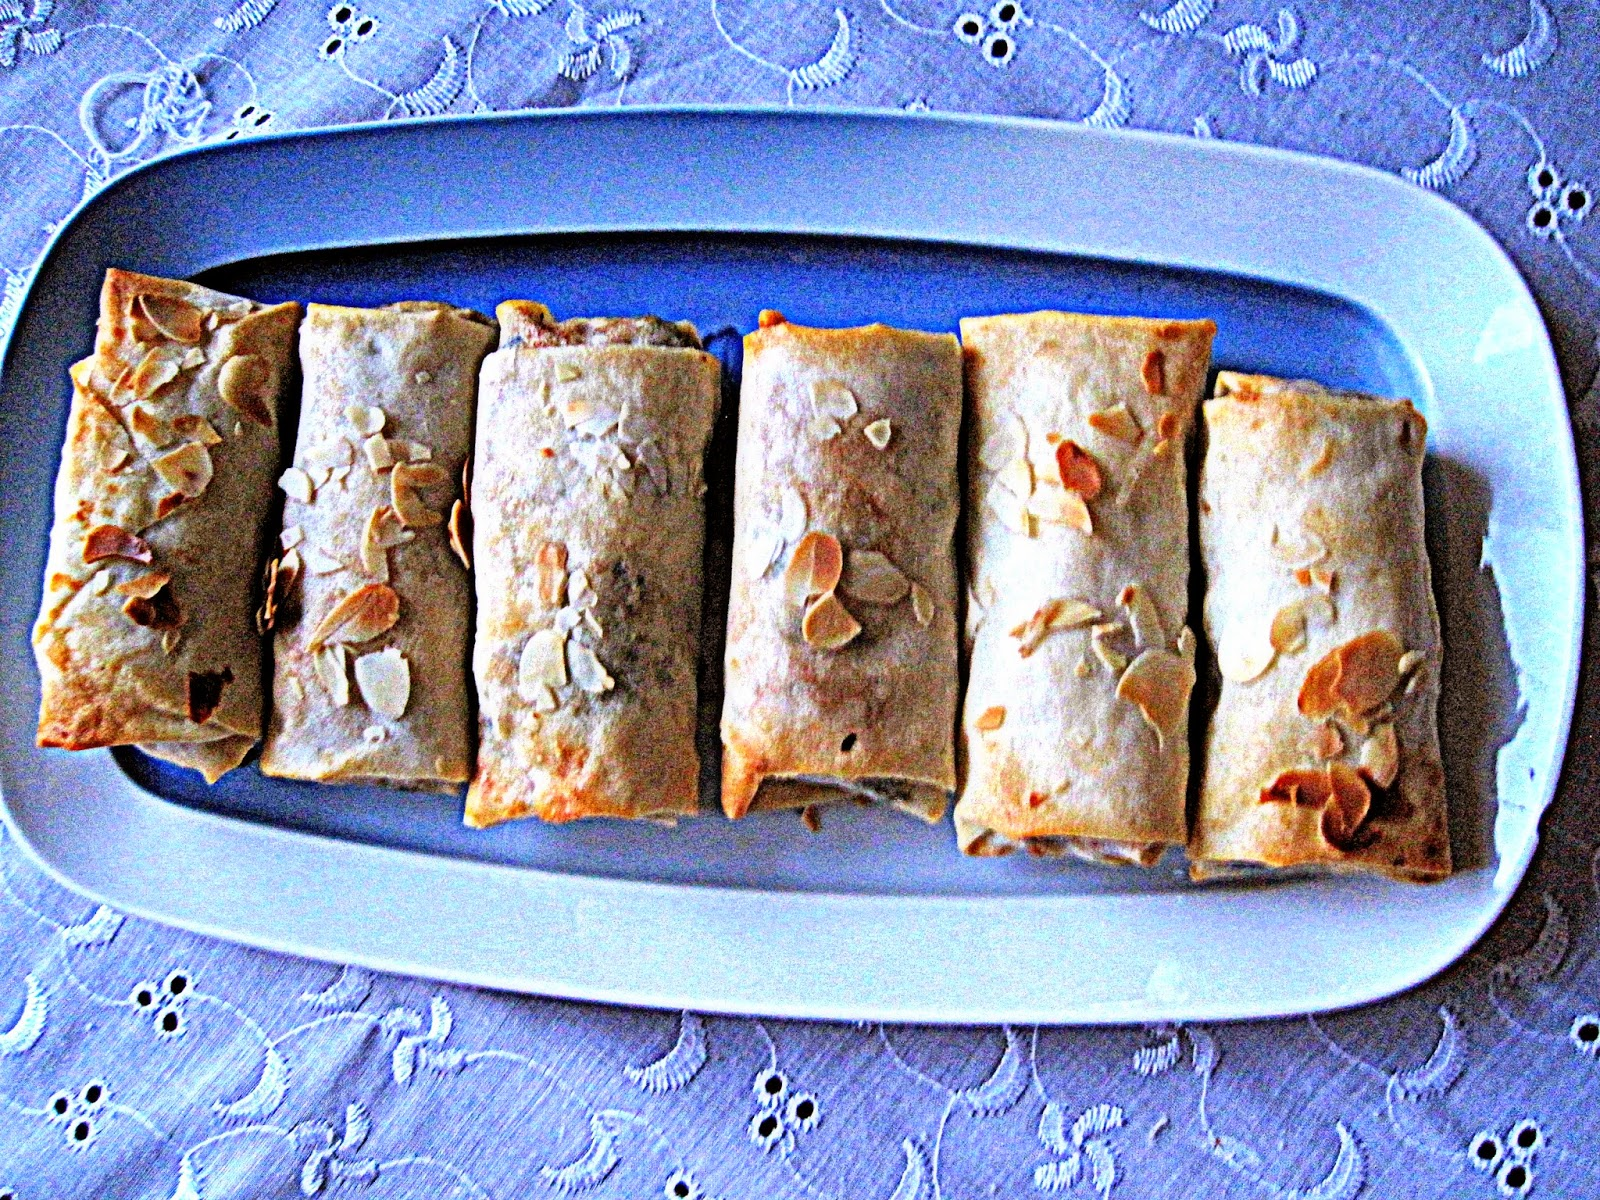 http://cupcakeluvs.blogspot.dk/2014/06/kylling-mandel-forarsruller-chicken.html